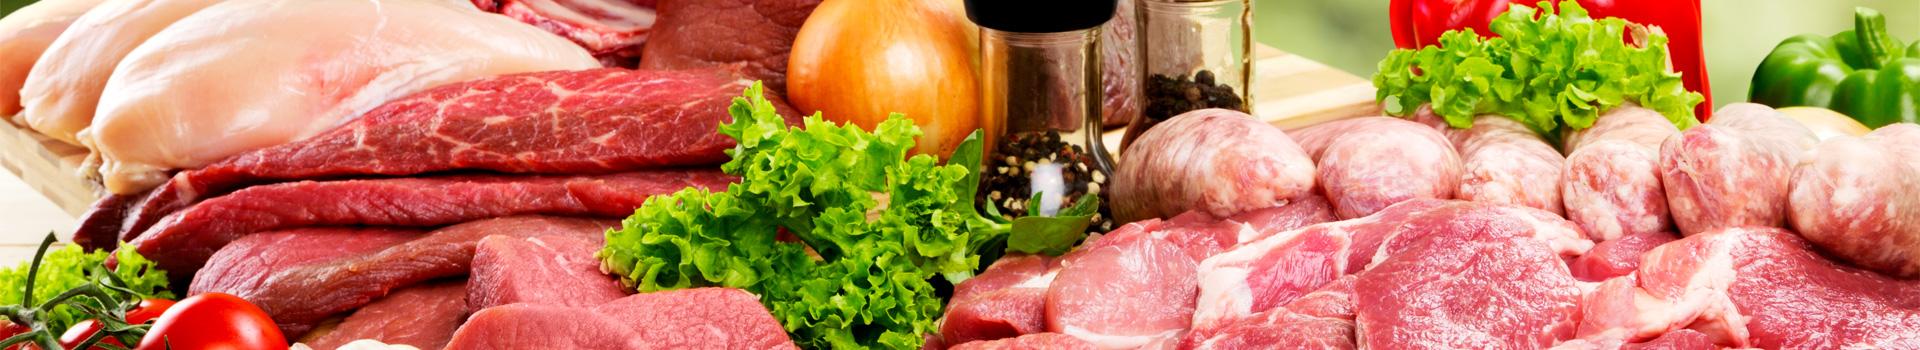 Mitos y realidades de la industria de la carne